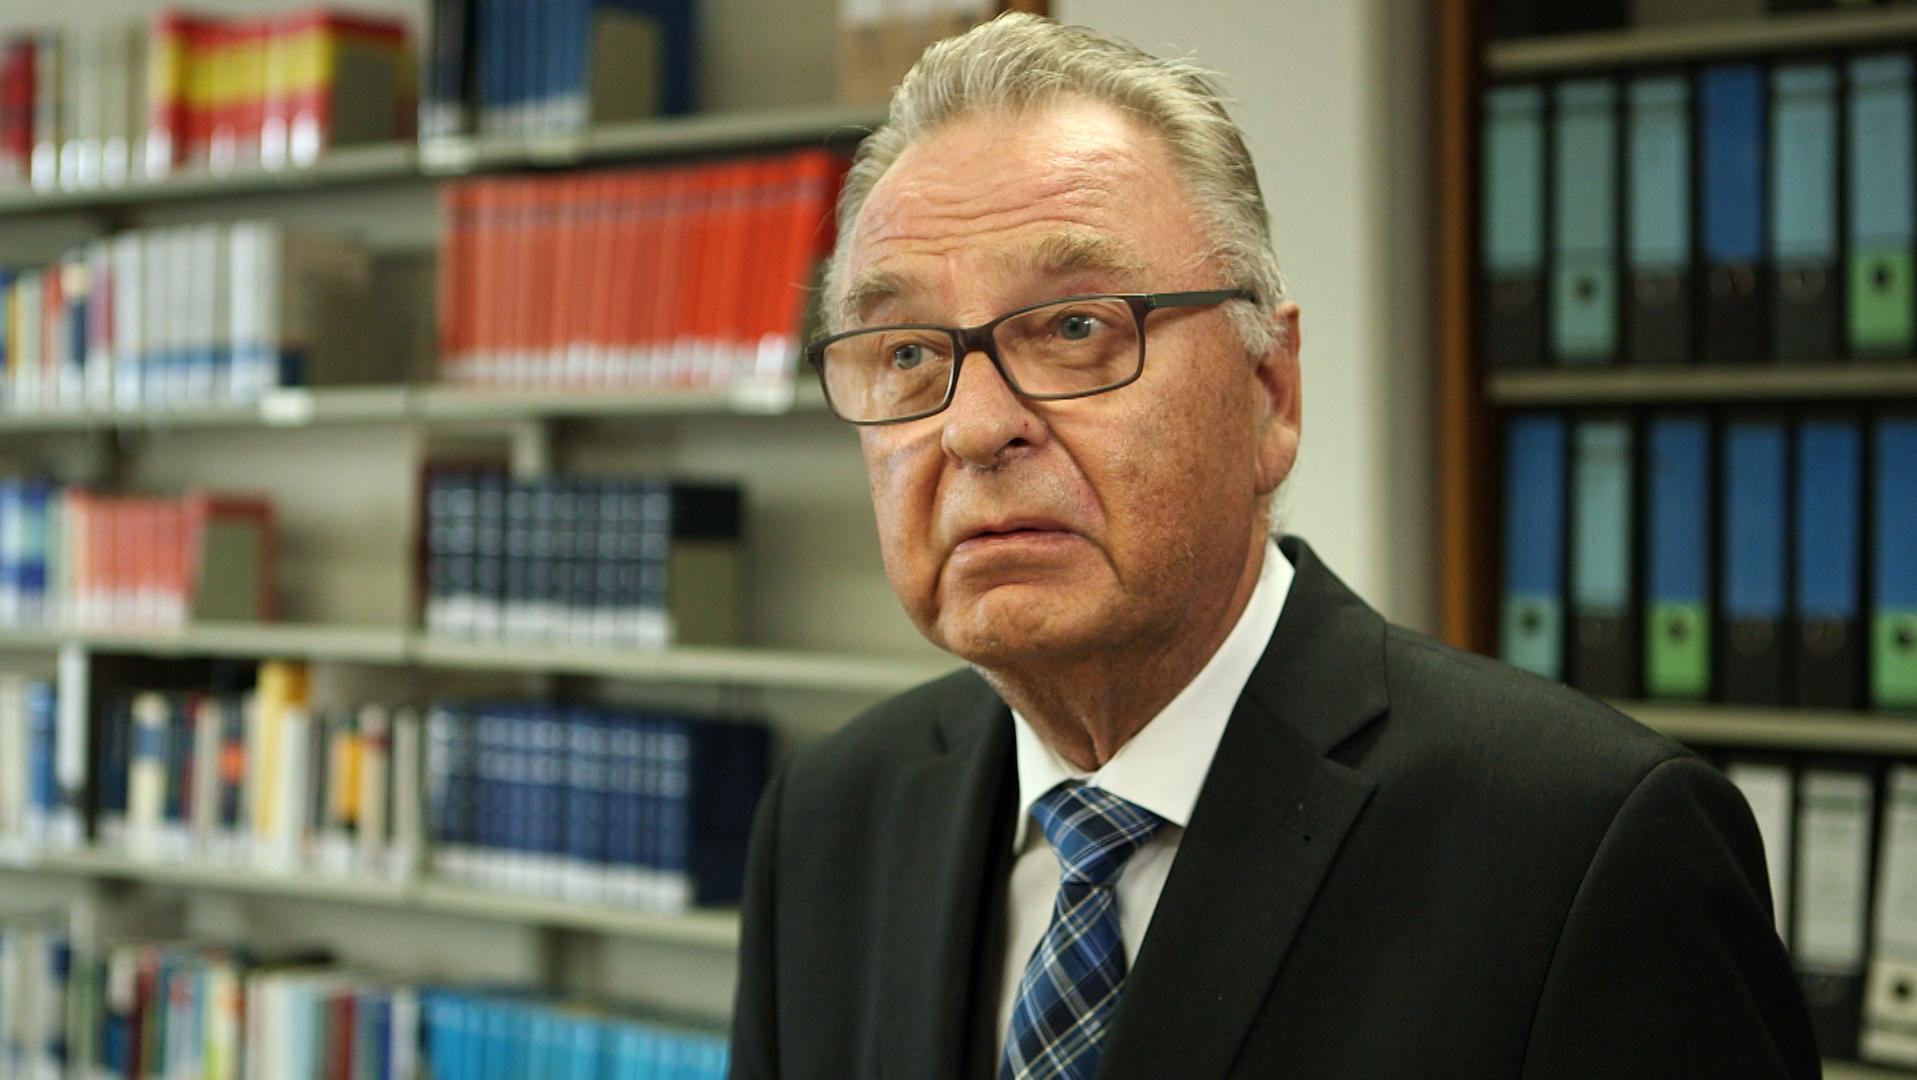 Hans-Jürgen Papier, ehemaliger Präsident des Bundesverfassungsgerichtes